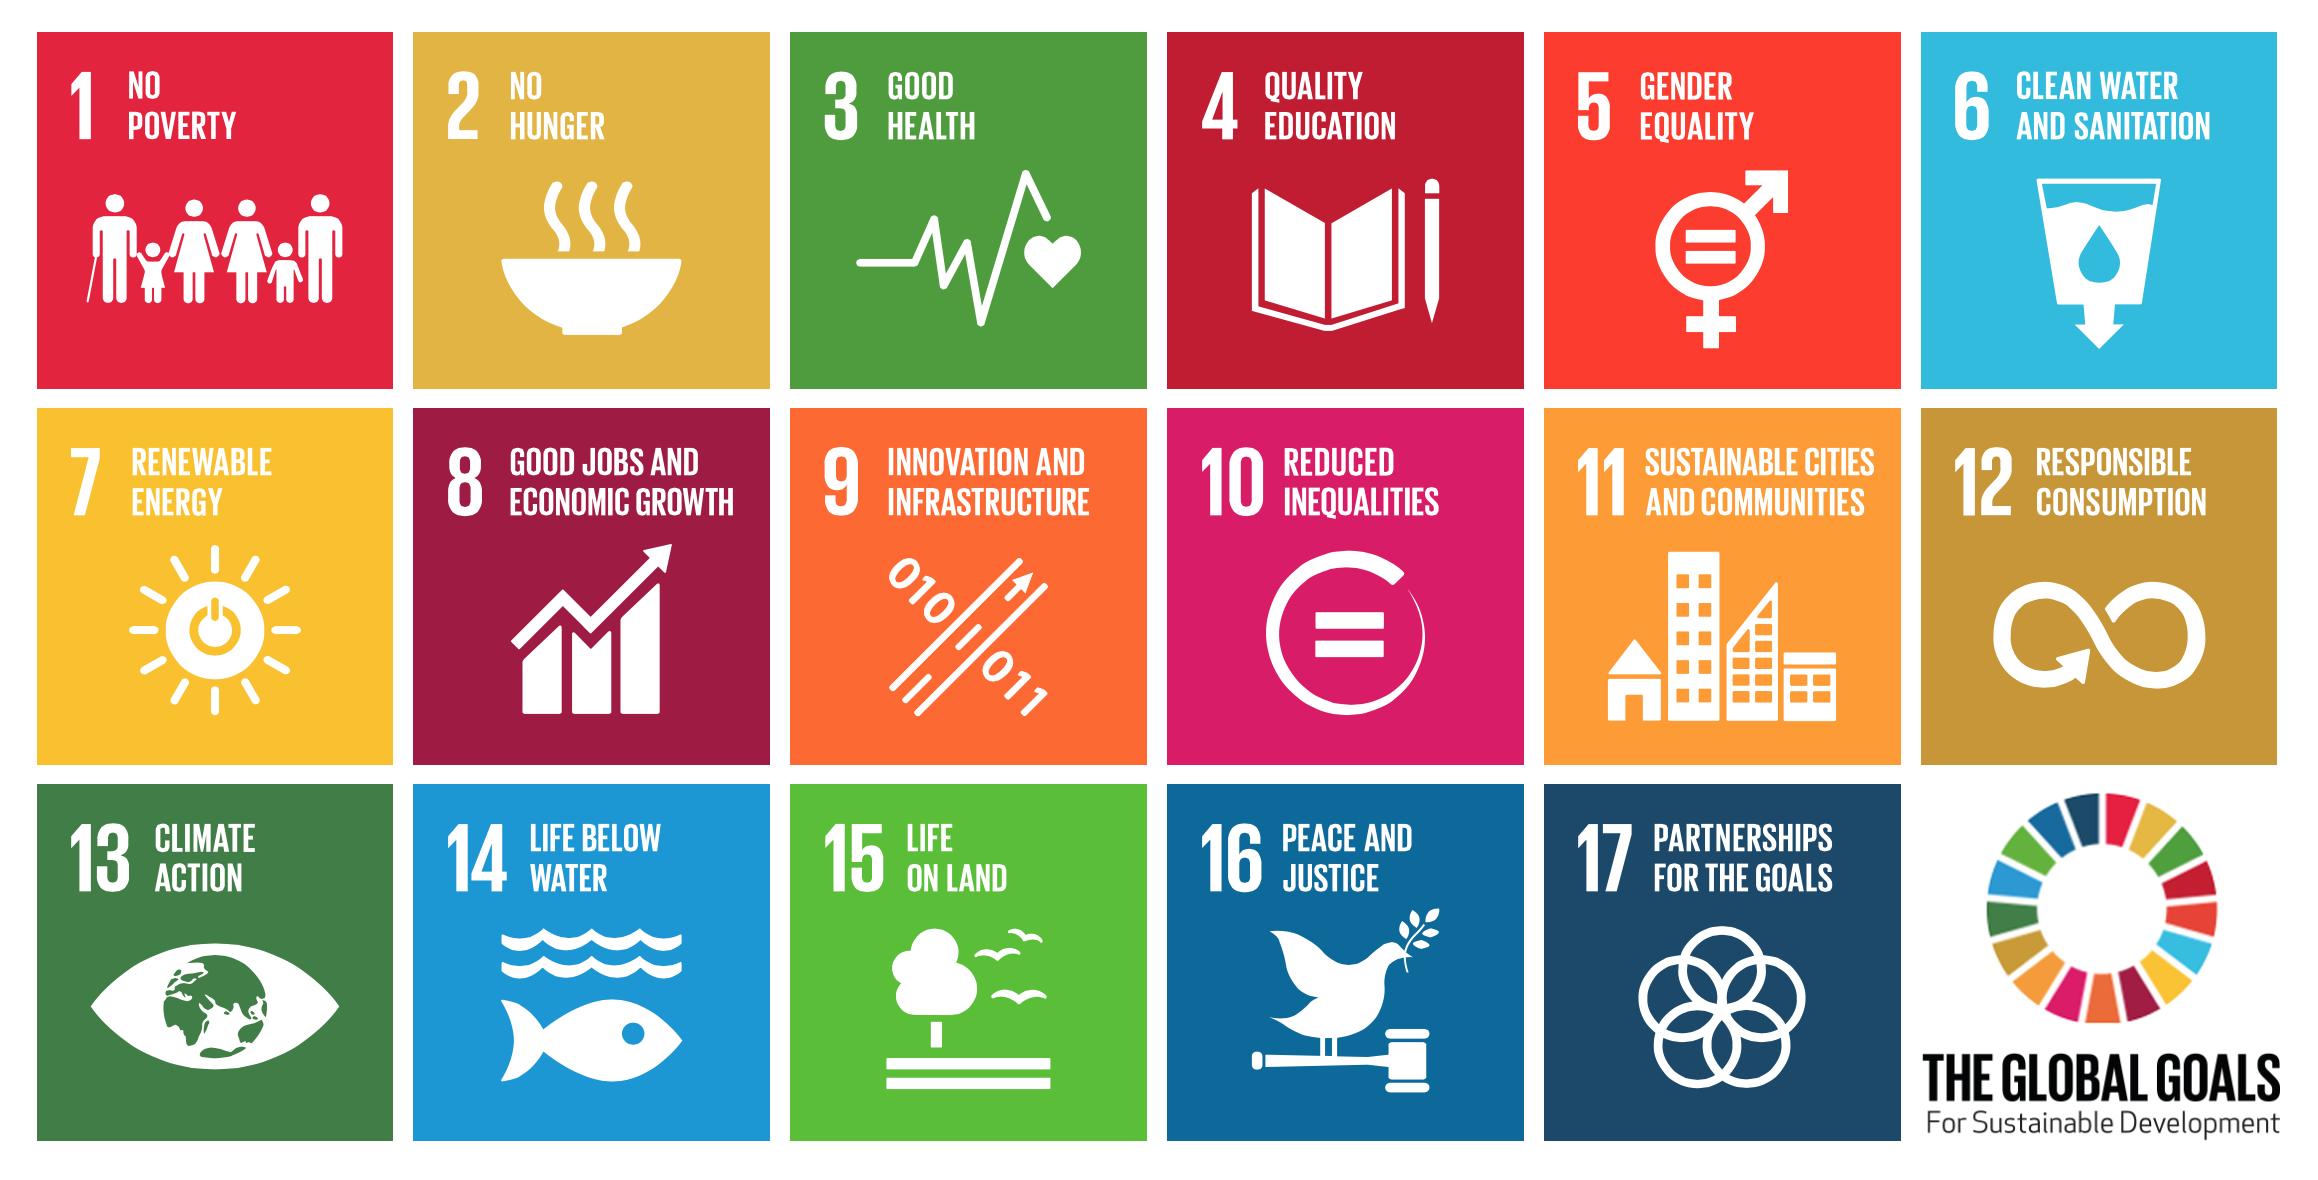 global_goals.png